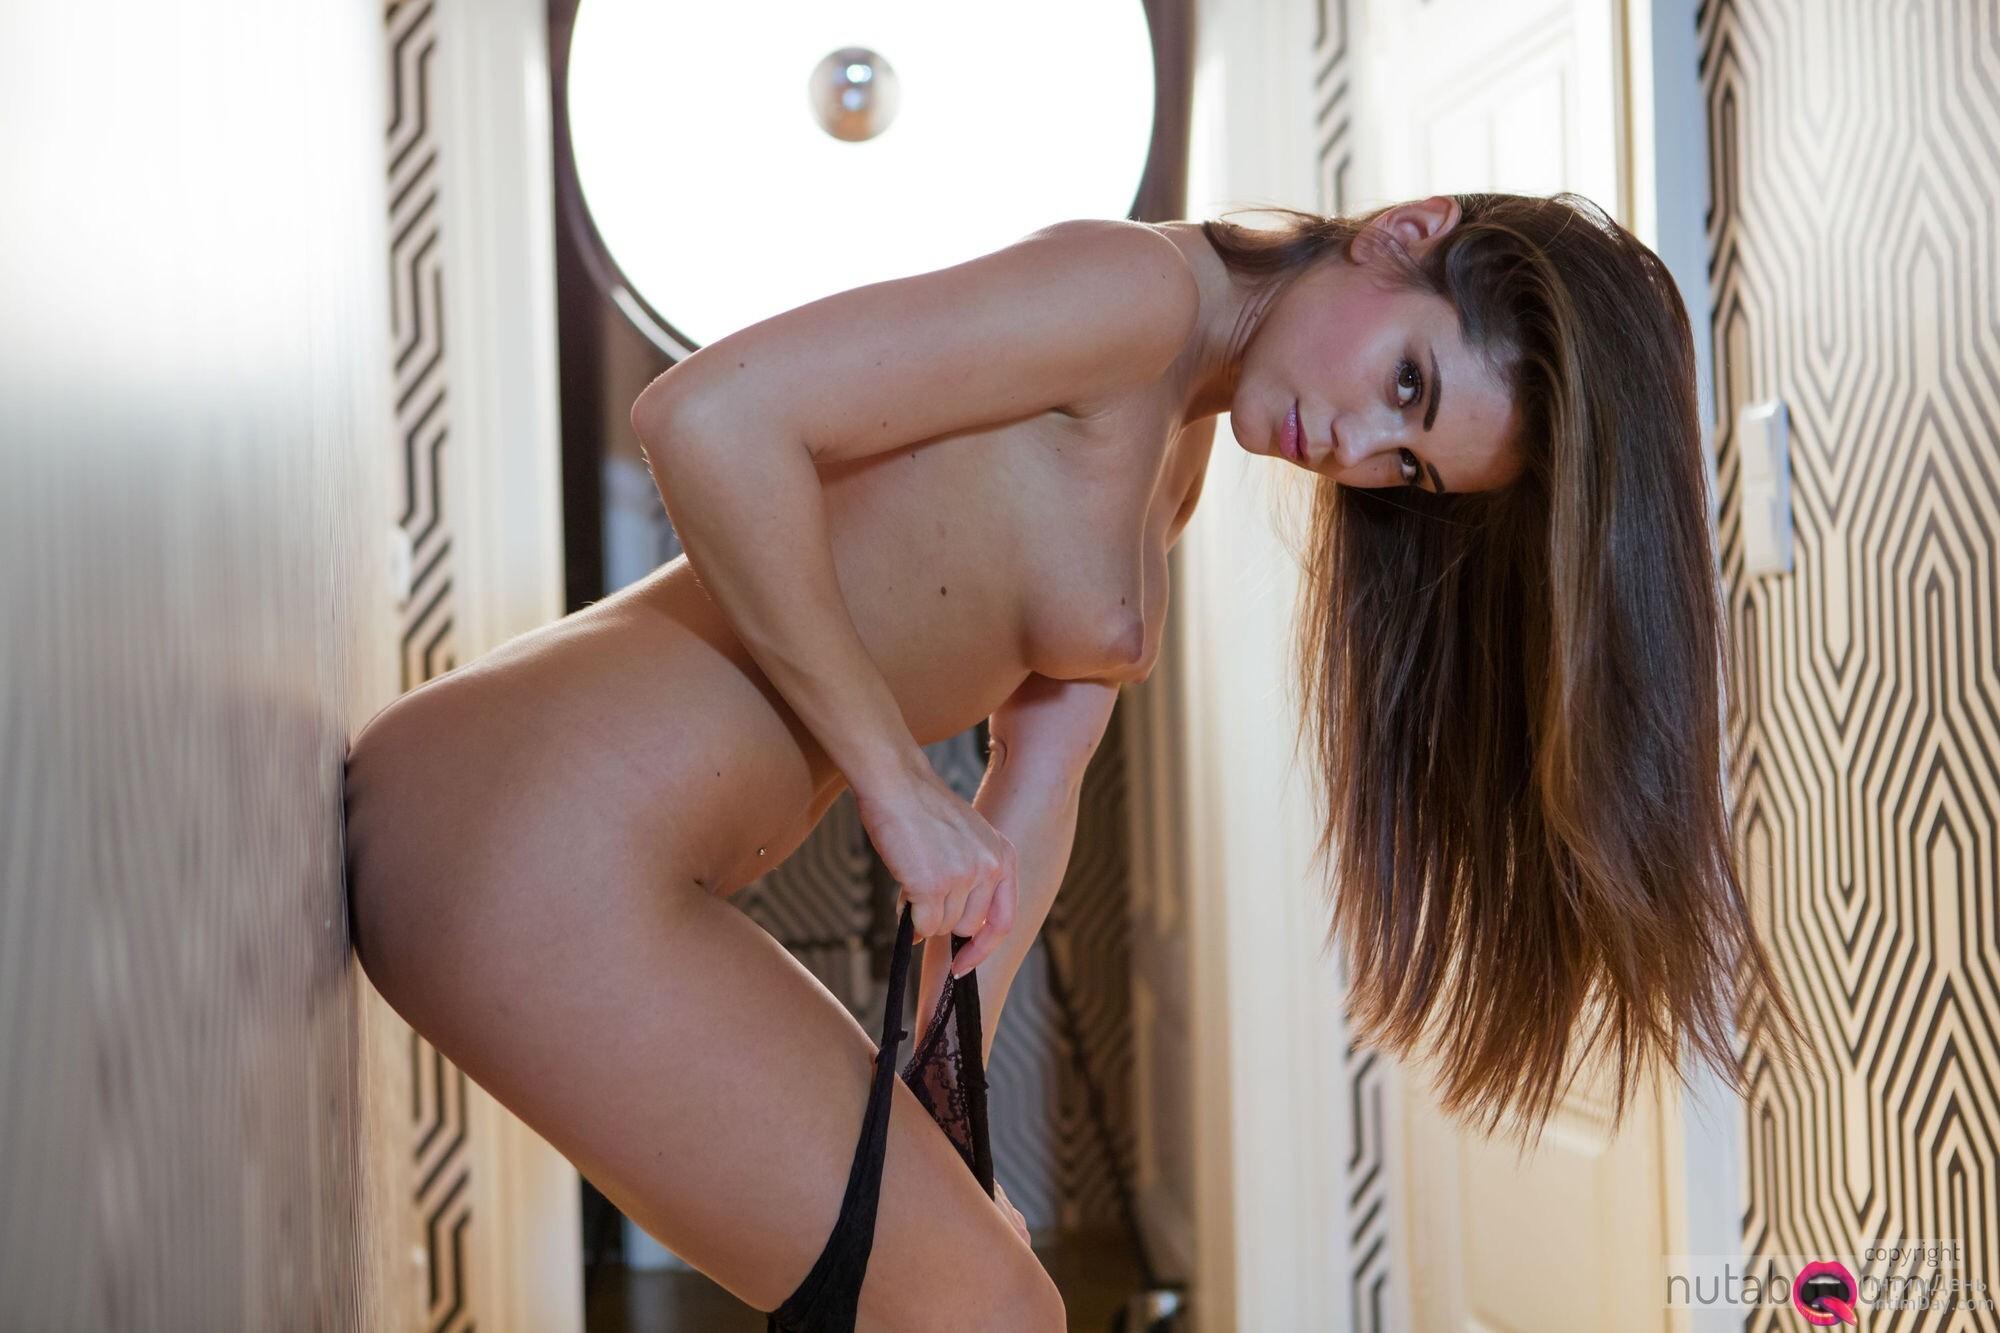 Проститутка Лена, размер груди 3, Одесская область, Одесса